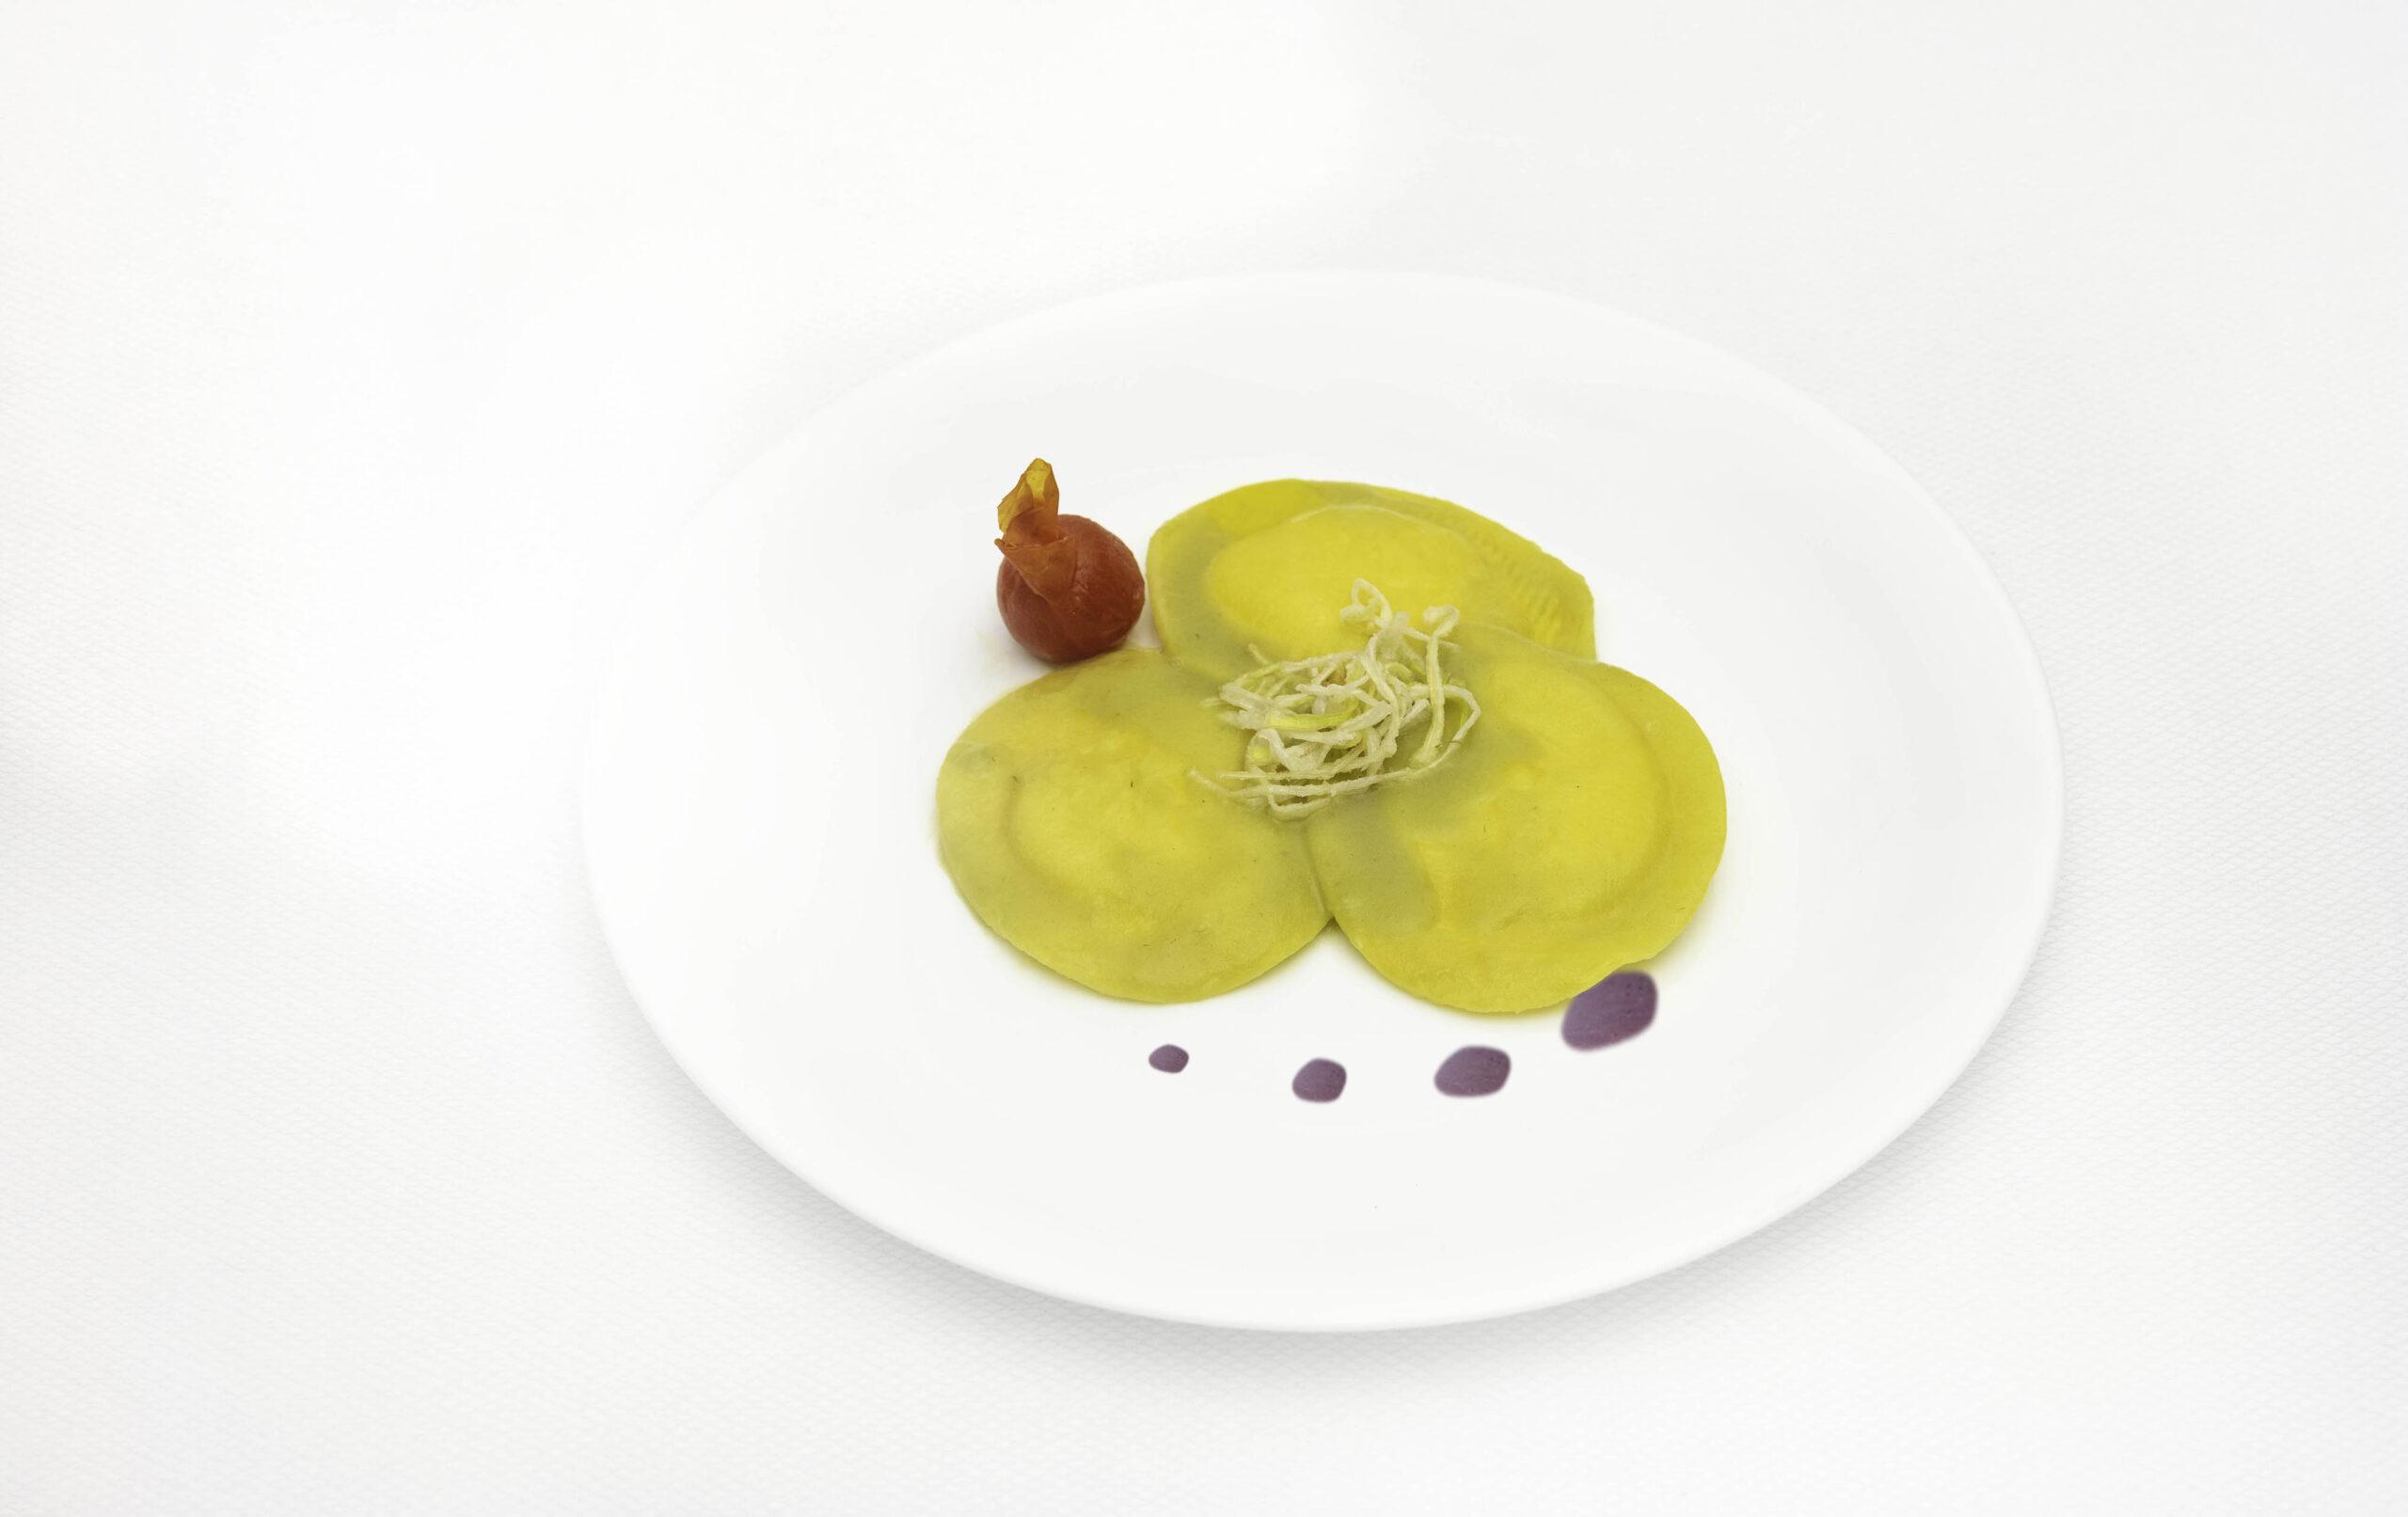 Pastifico-La-Fenice-pastificio-Cesenatico-pasta-fresca-pasta-surgelata-pasta-artigianale-Emilia-Romagna-panzotti-di-burrata-con-vellutata-di-porri-e-patate-viola